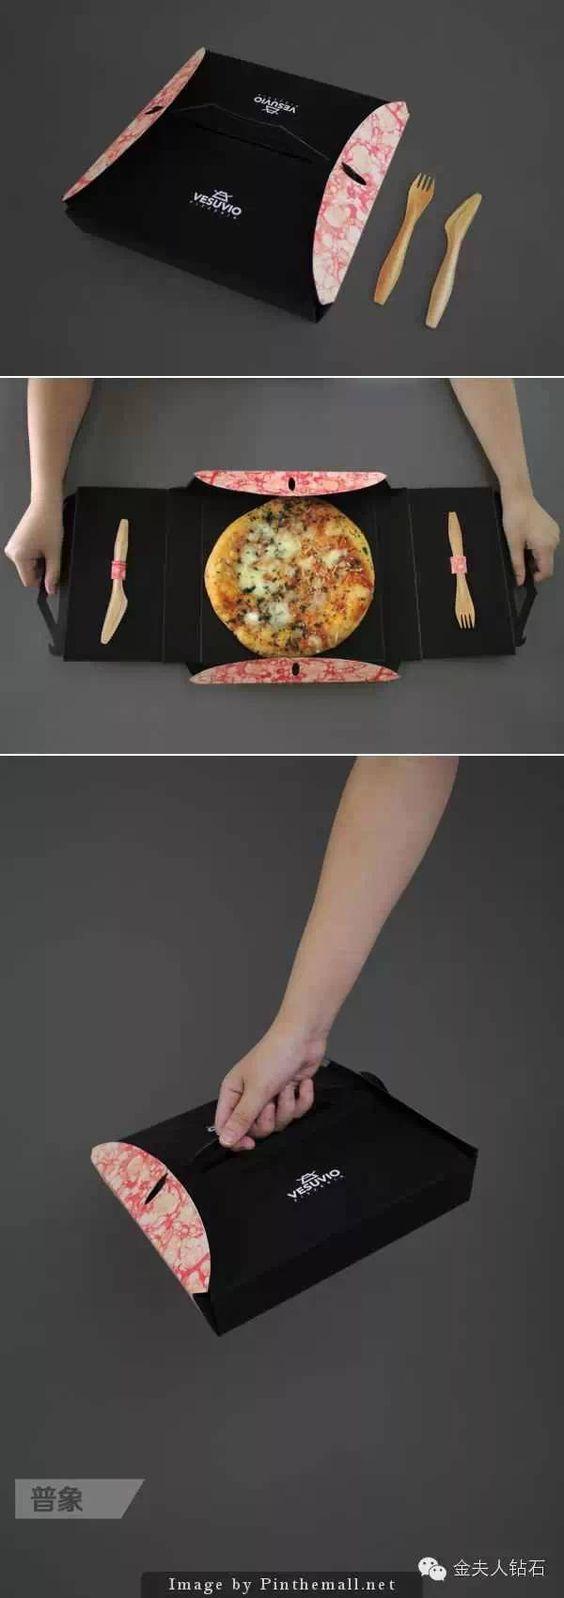 Pizza para viagem com a praticidade de poder sentar em qualquer lugar e comer?…